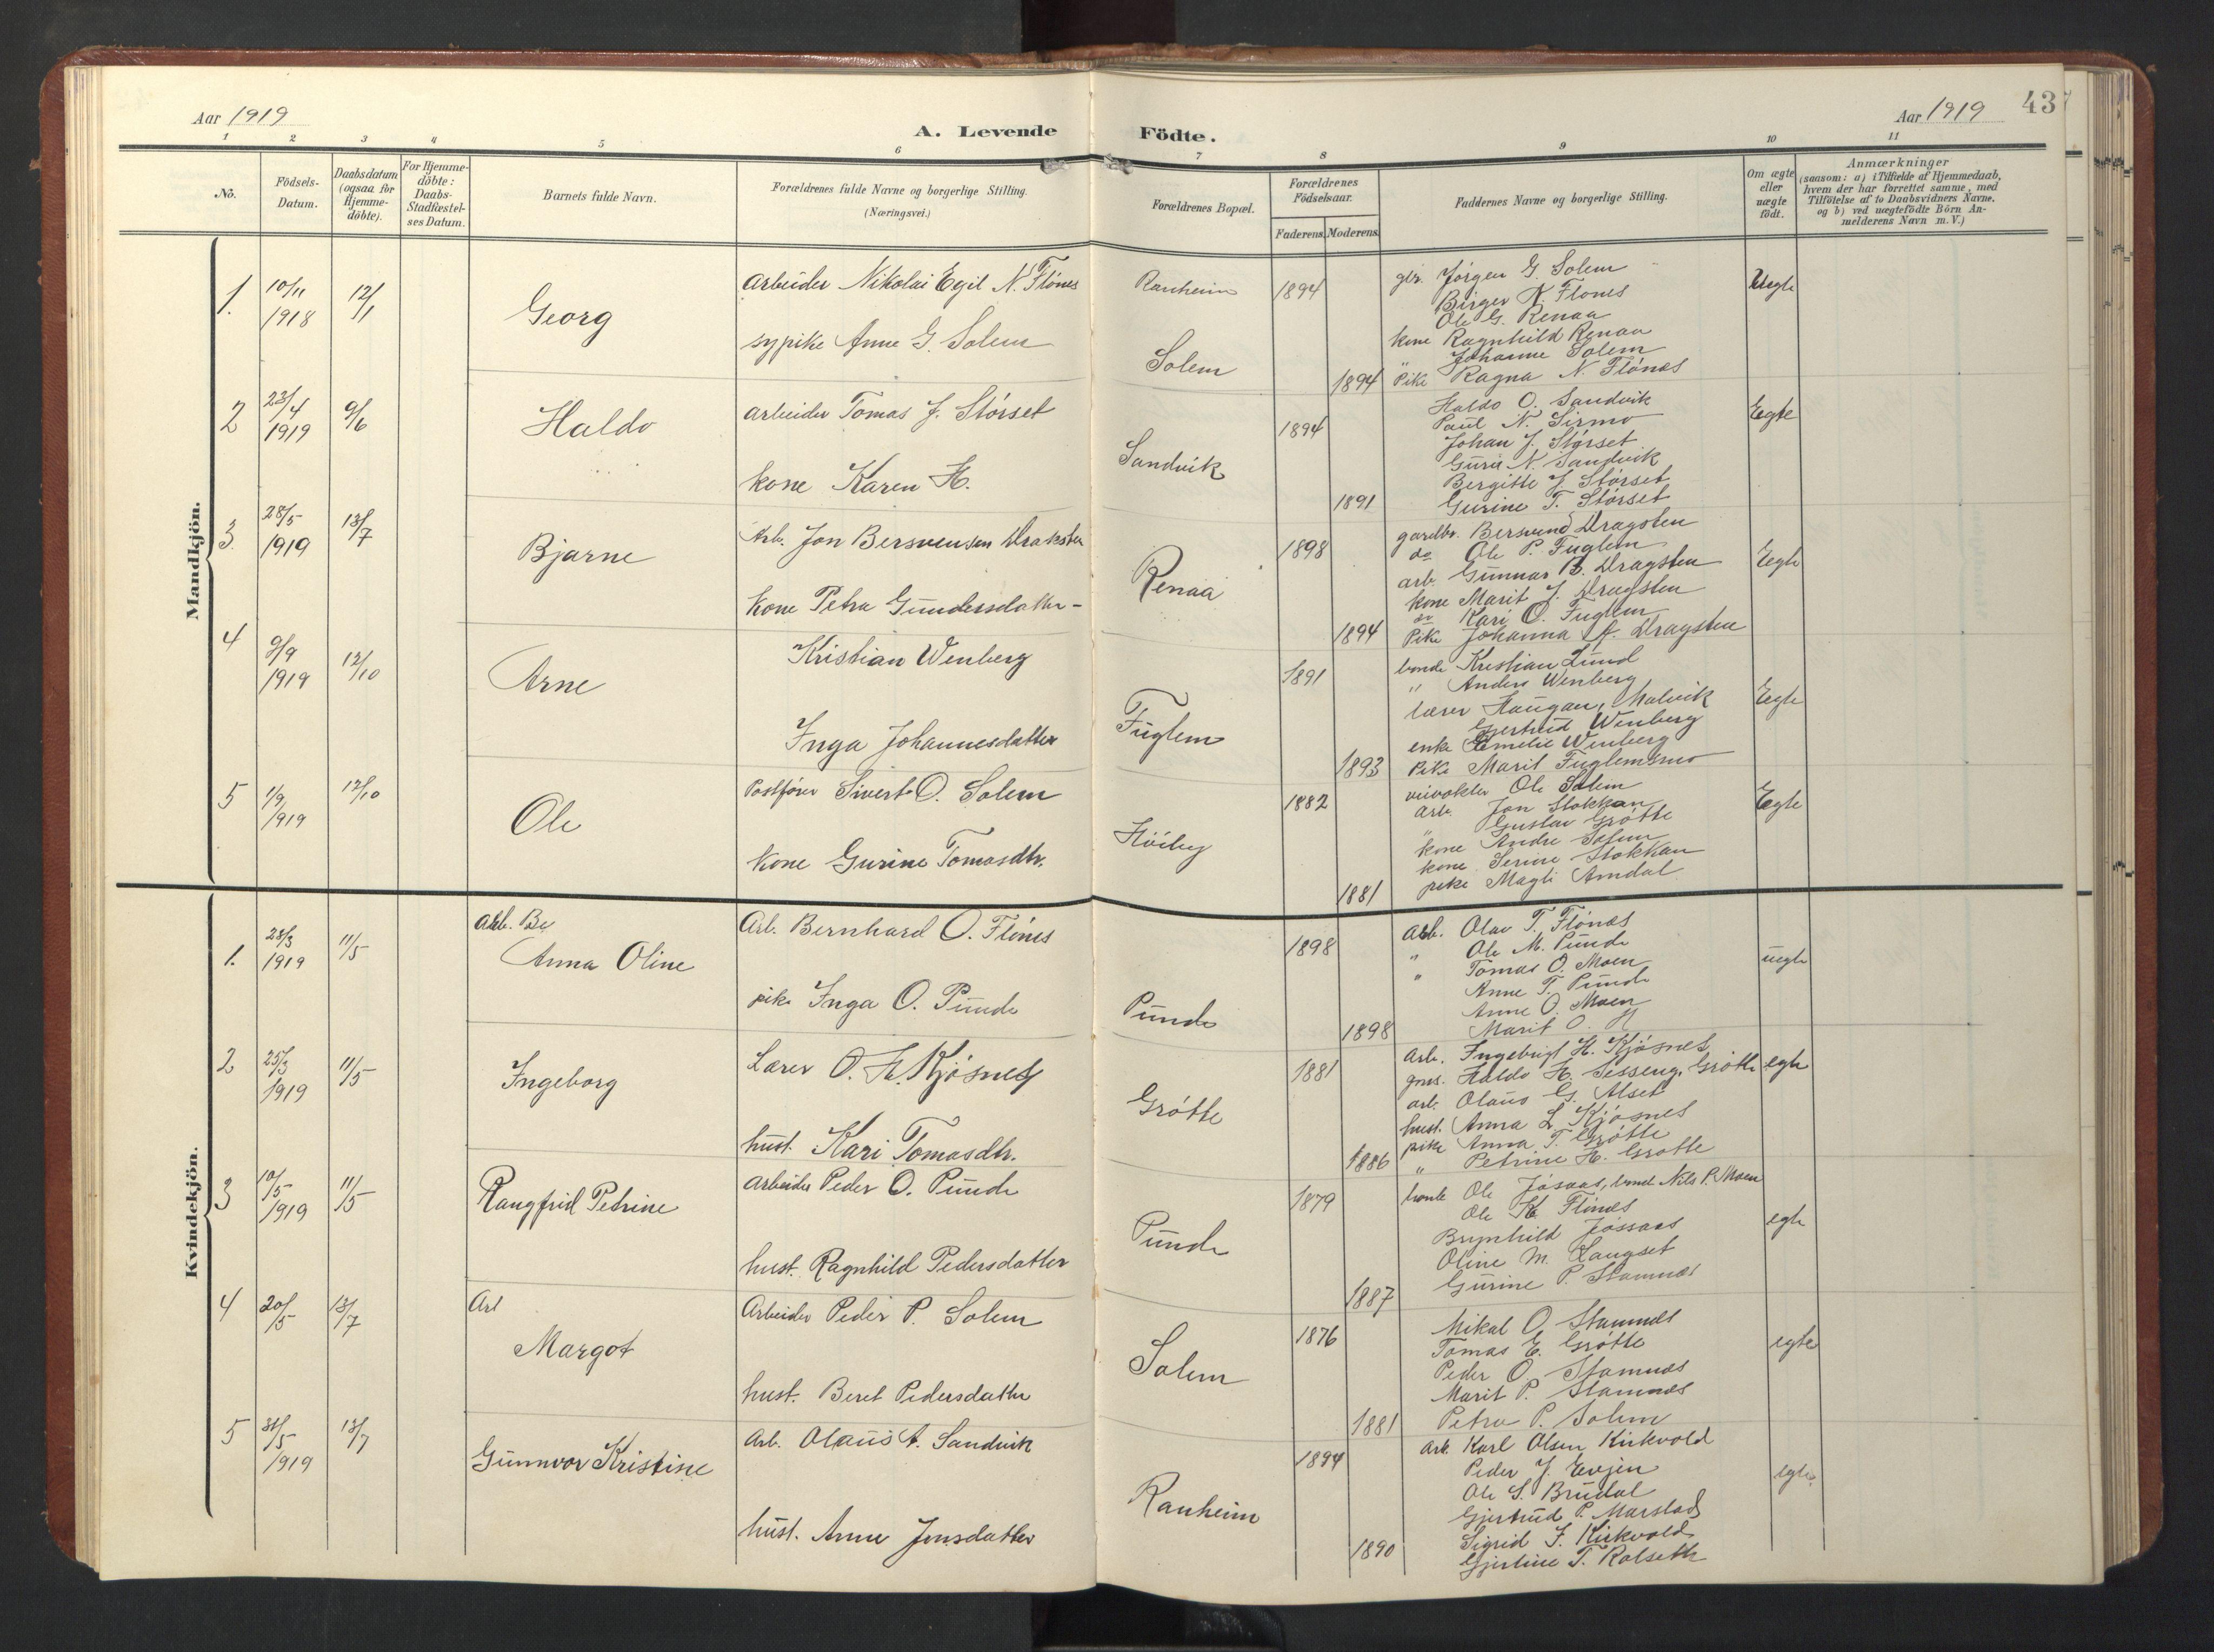 SAT, Ministerialprotokoller, klokkerbøker og fødselsregistre - Sør-Trøndelag, 696/L1161: Klokkerbok nr. 696C01, 1902-1950, s. 43